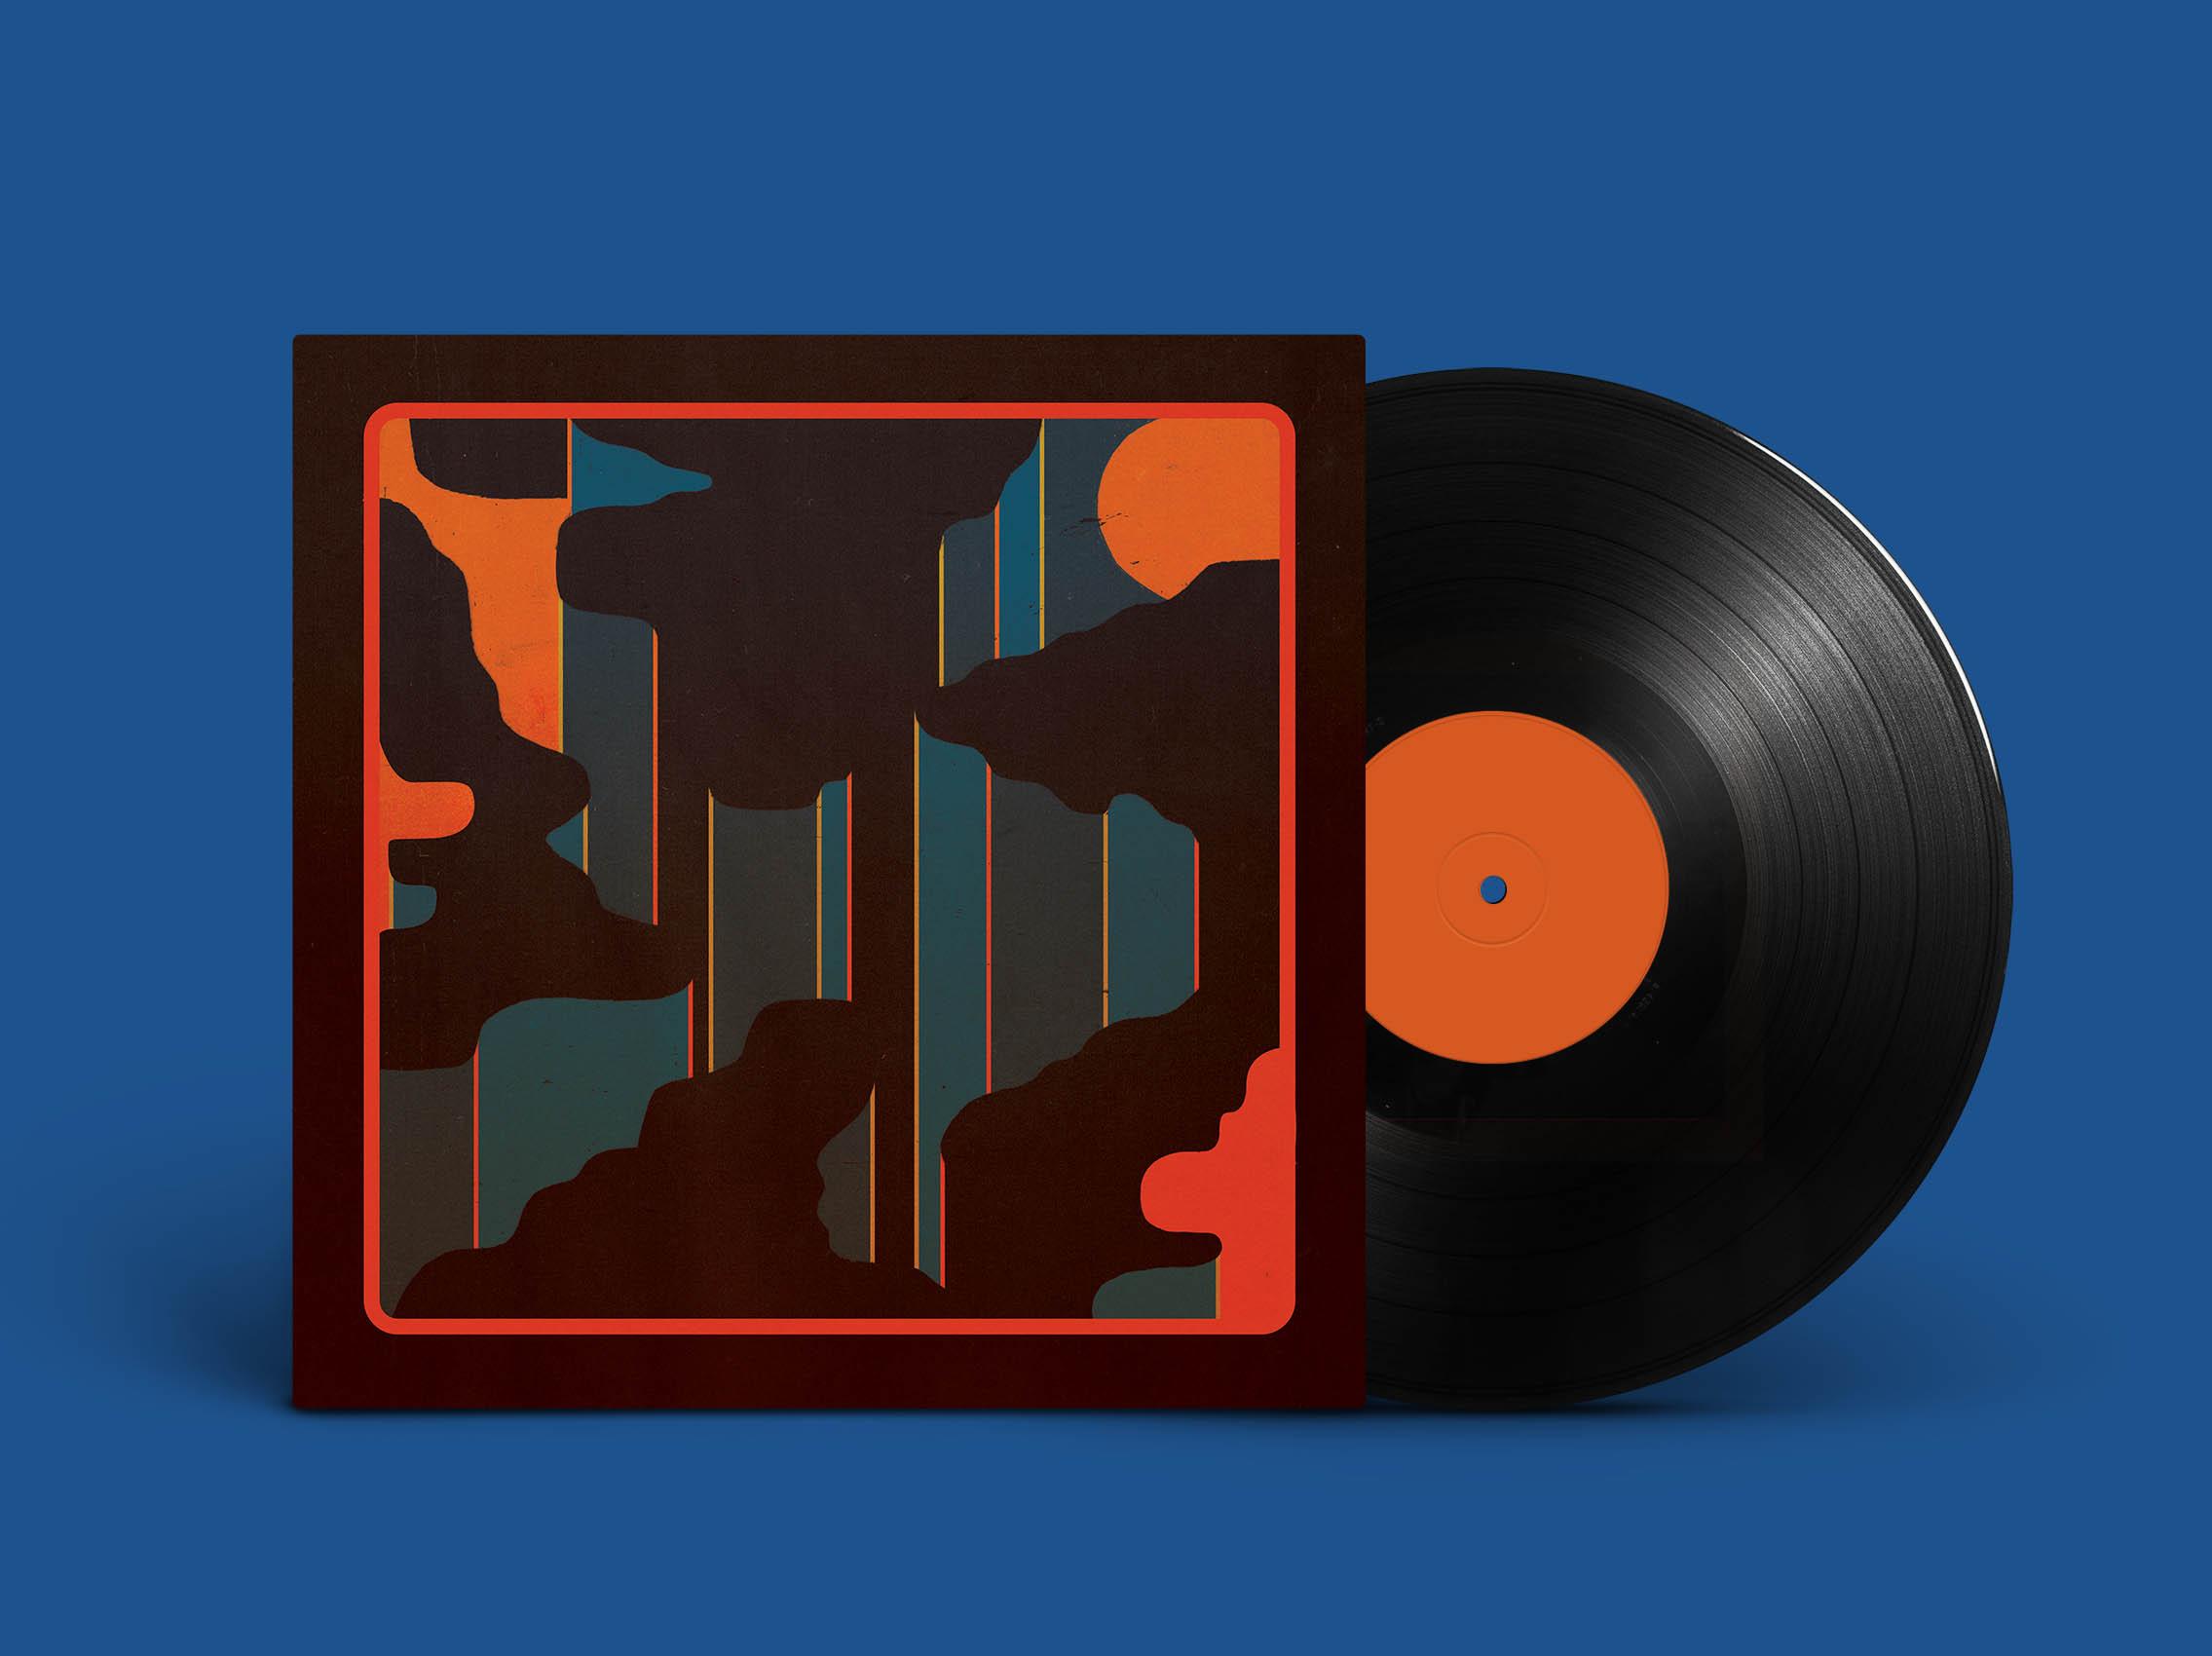 Jaya - 'Zead' EP Release, 2019.